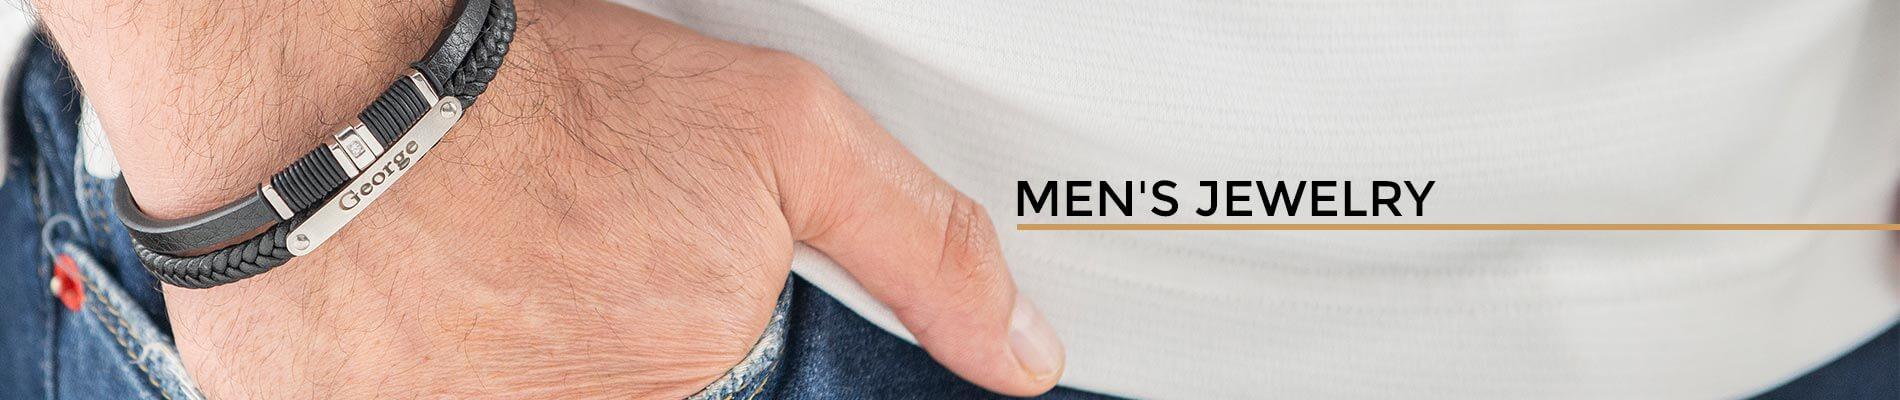 Men Jewellery Banner Desktop